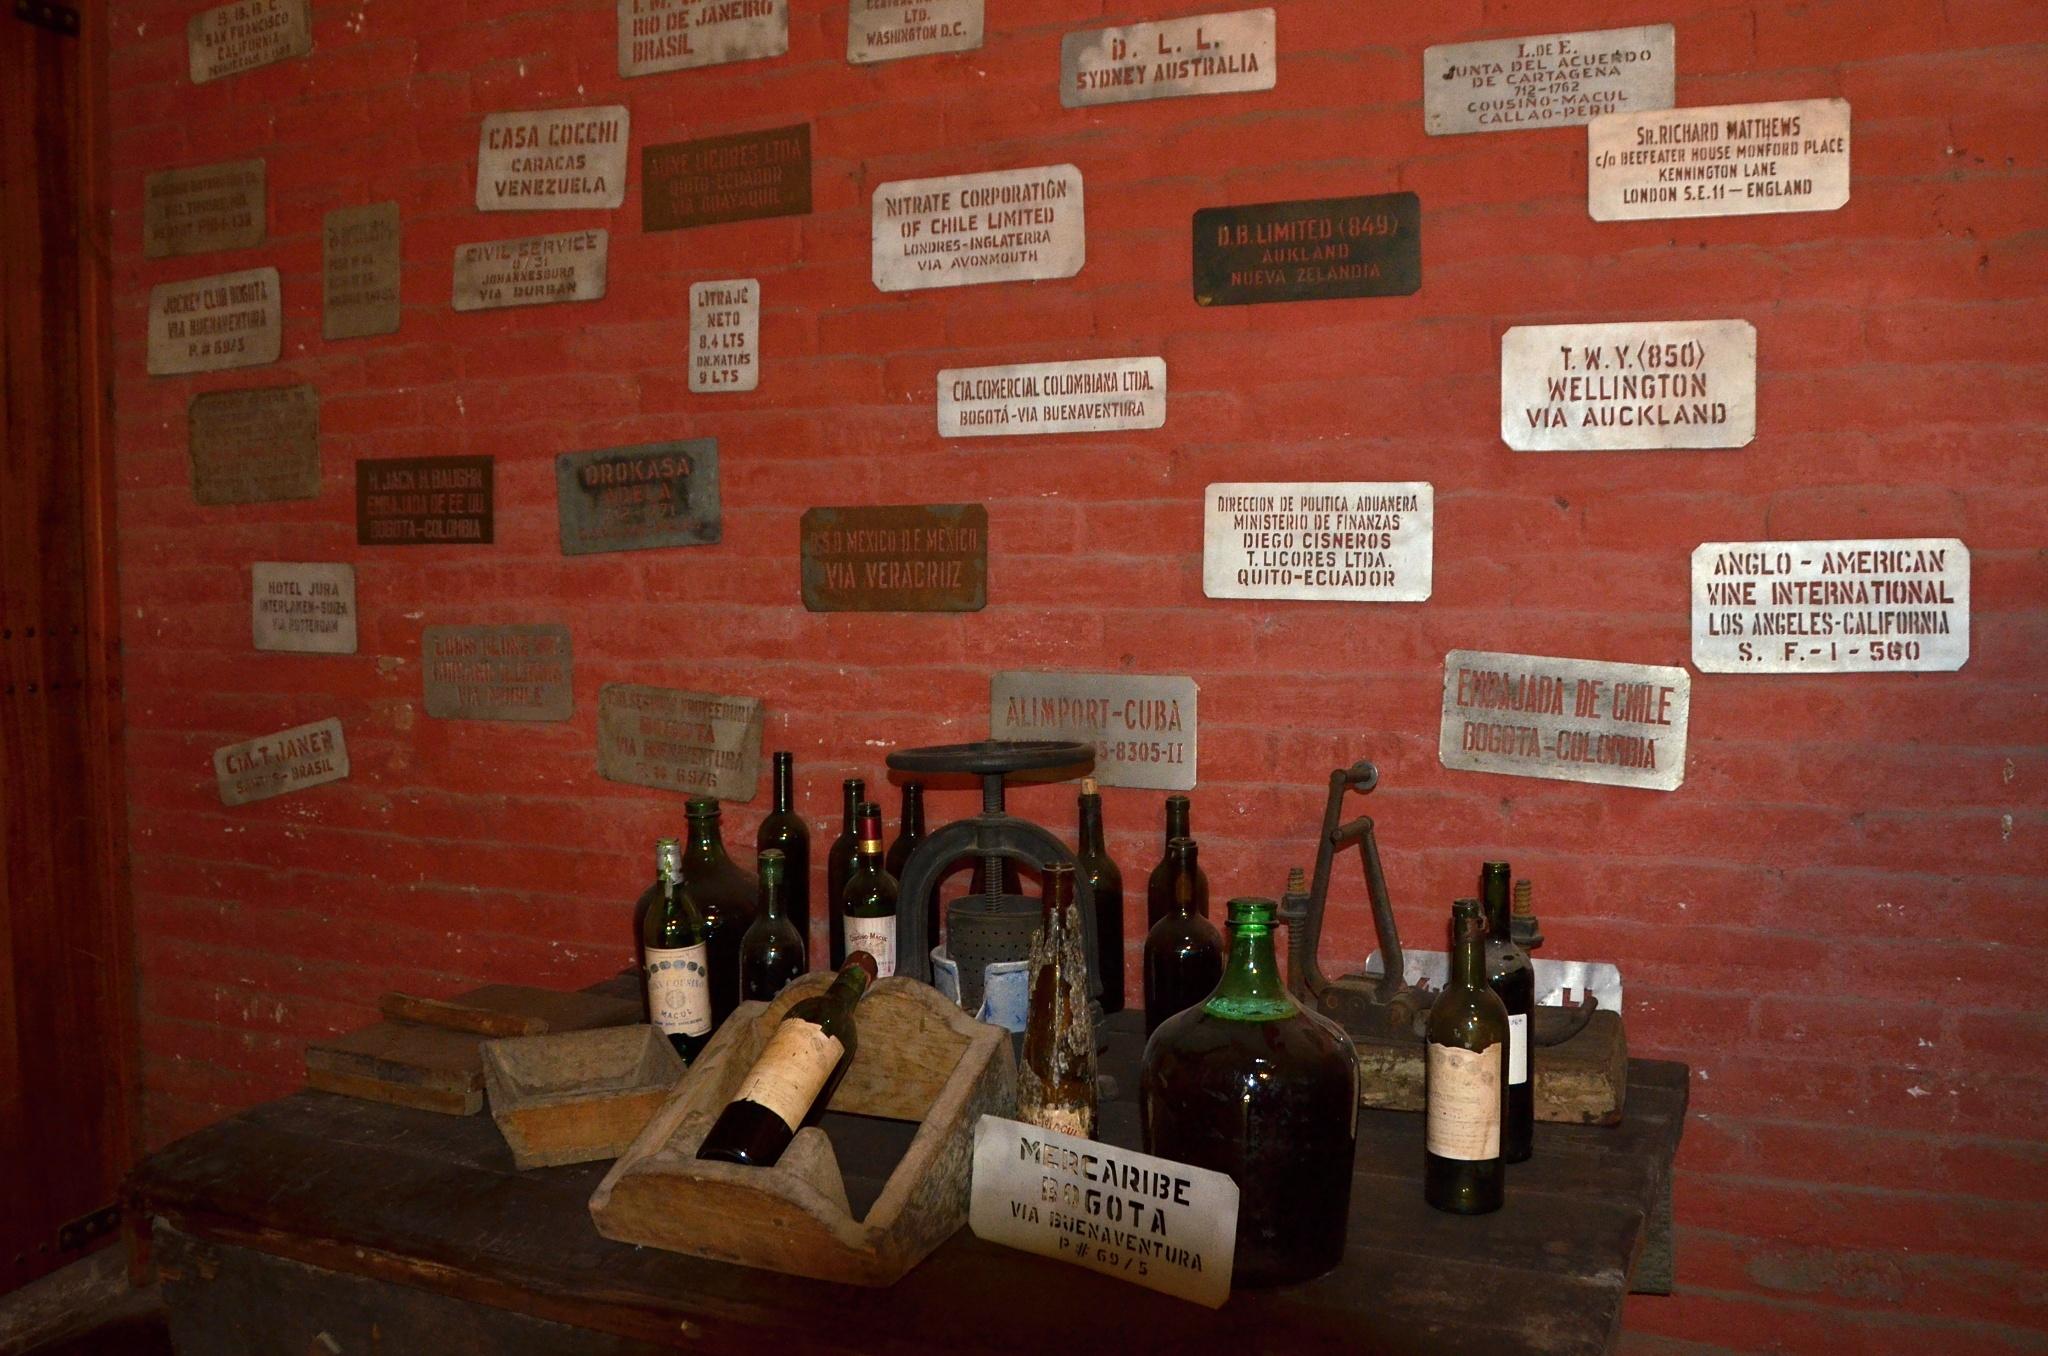 Šablony pro rychlý tisk cílové destinace na krabice s vínem